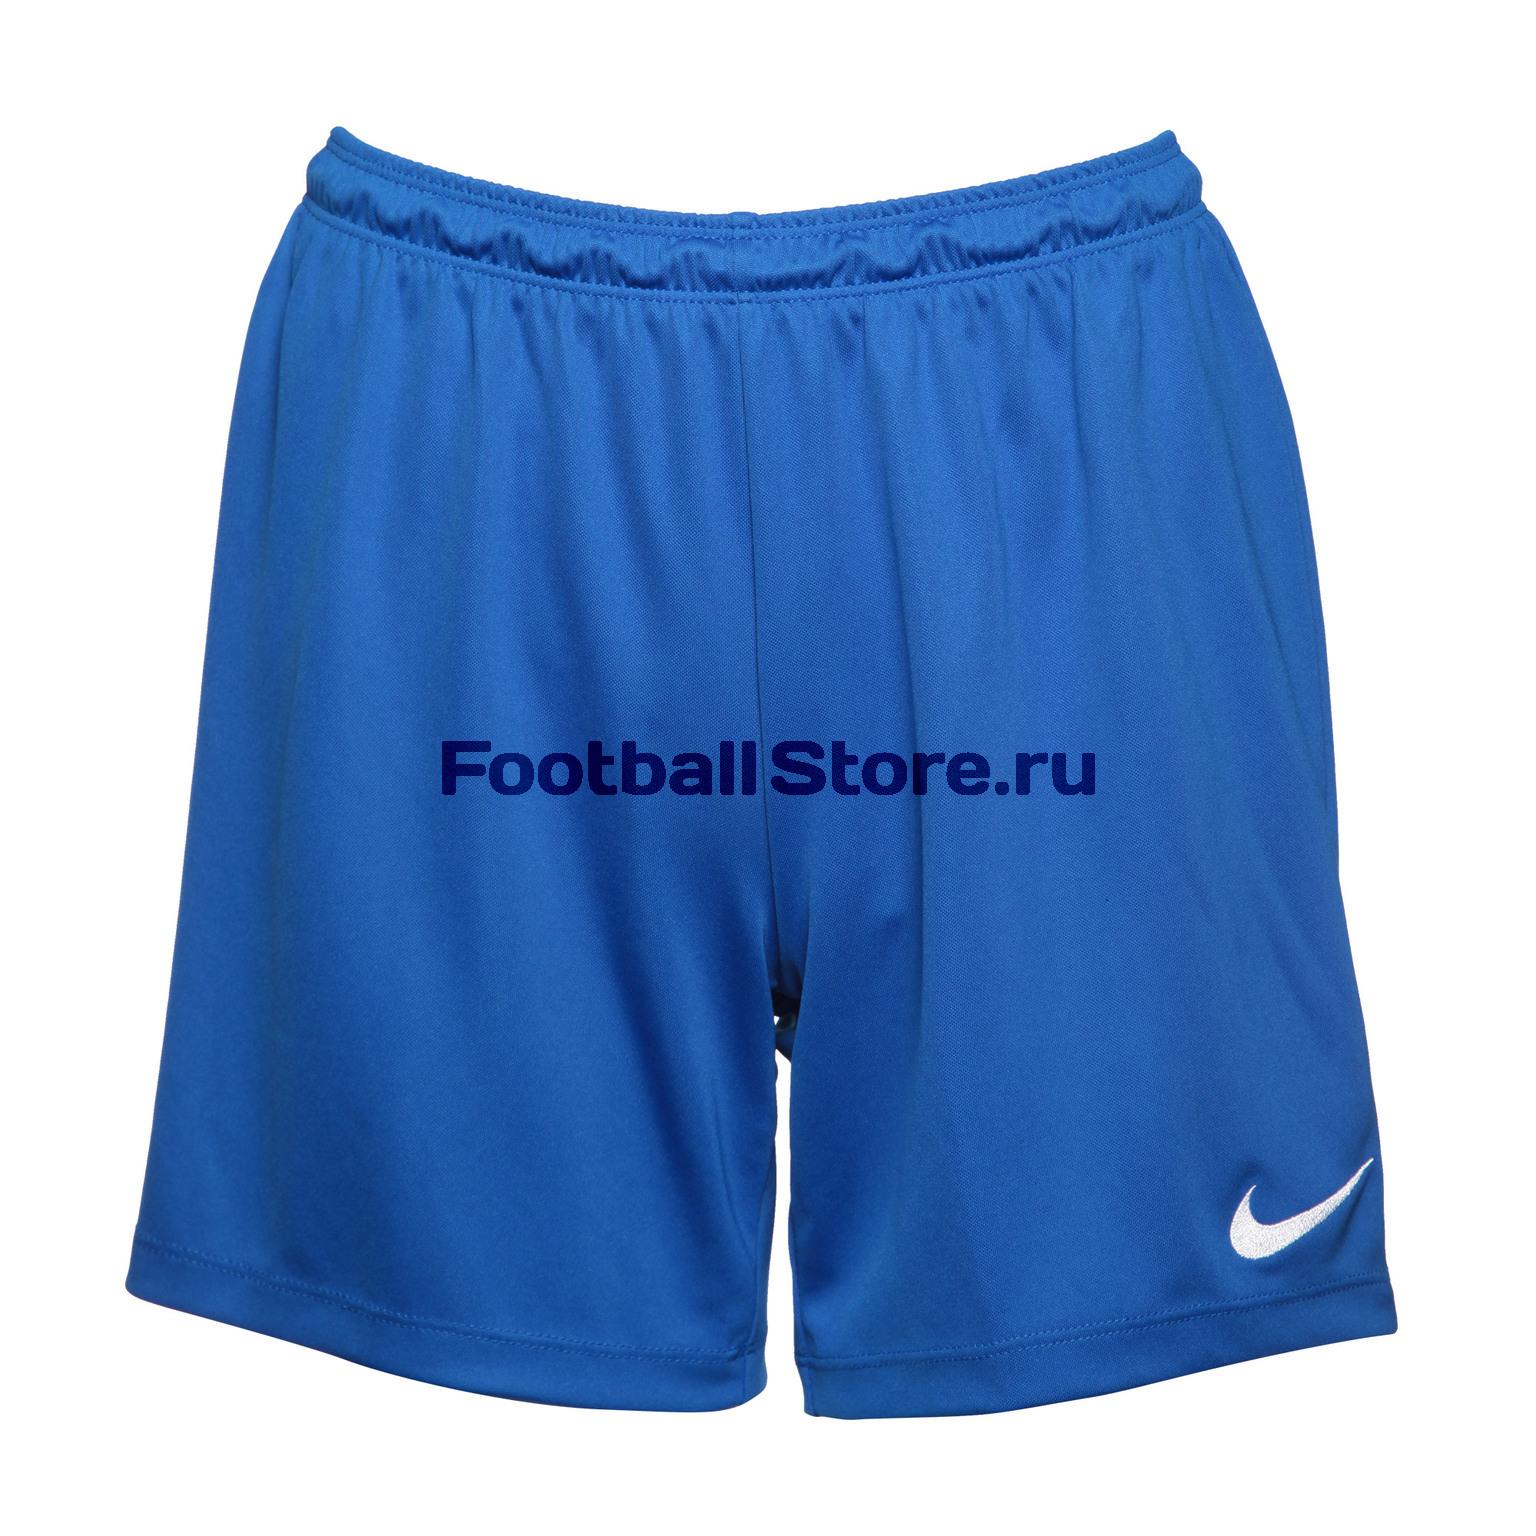 9012b618 Шорты игровые женские Nike Park II NB833053-480 – купить в интернет  магазине footballstore, цена, фото